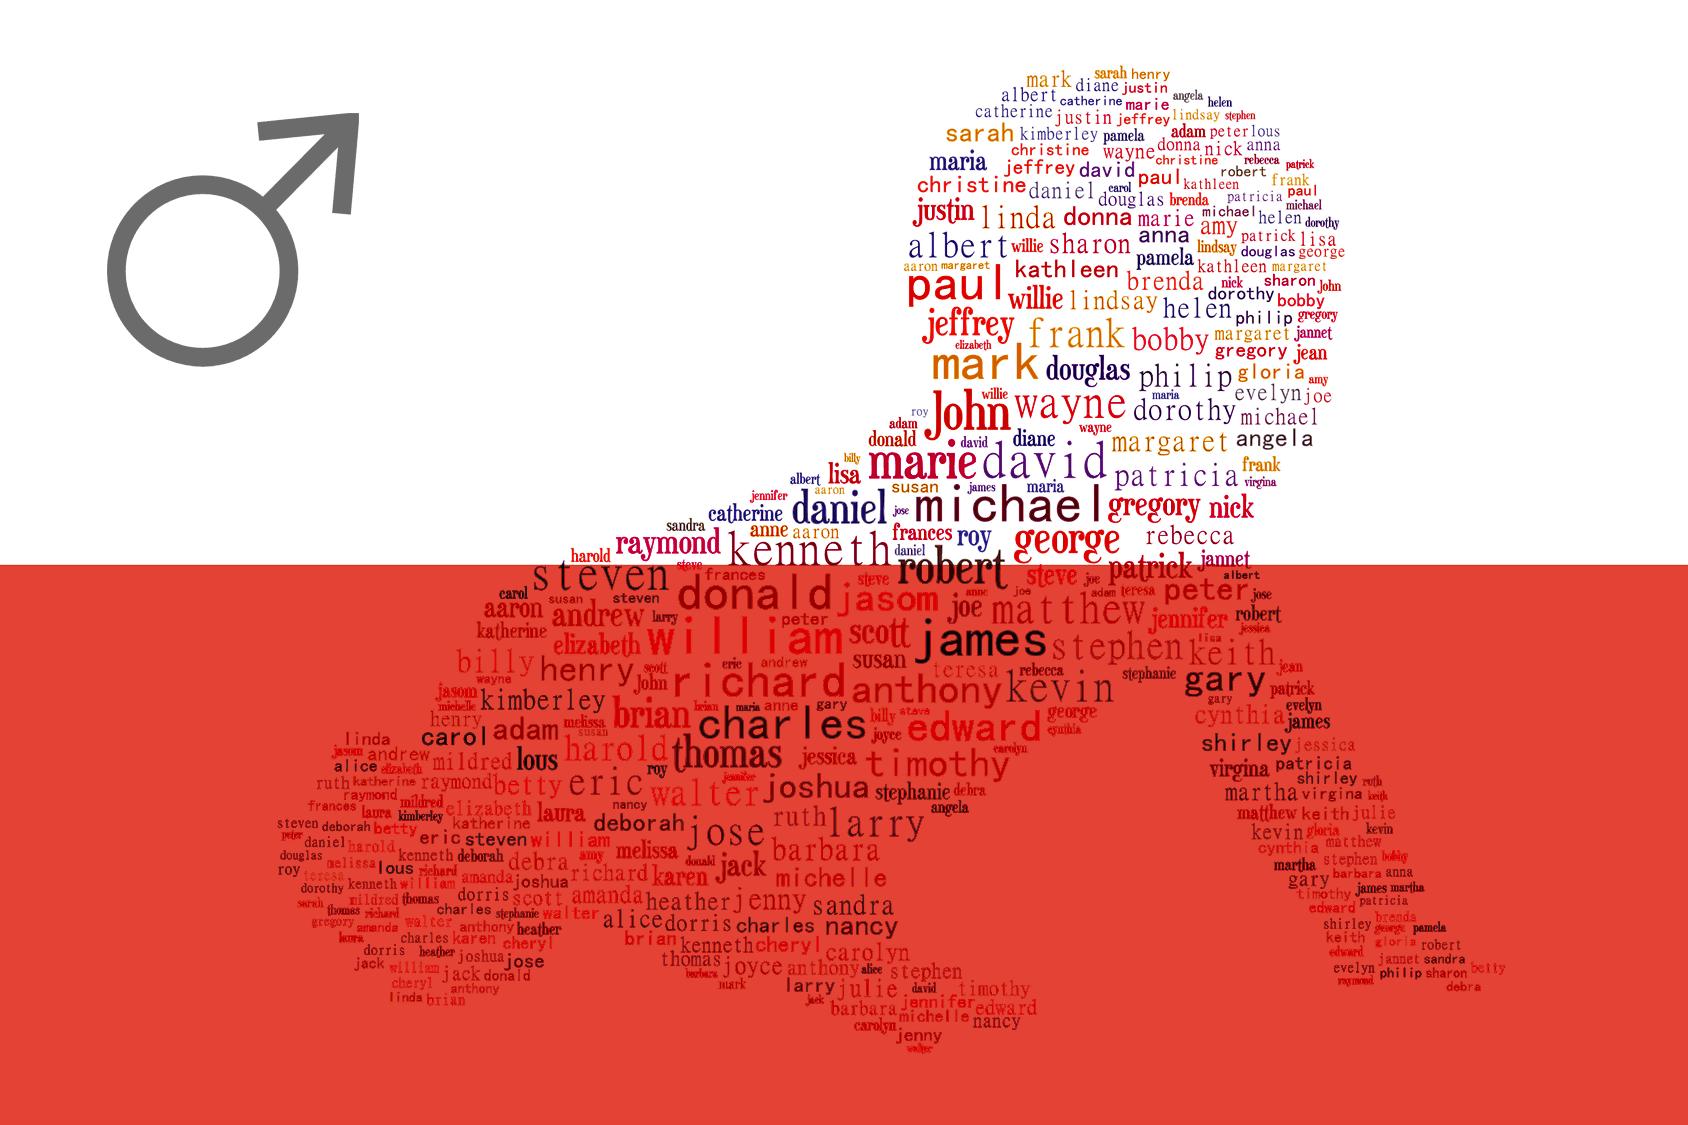 Poolse Jongensnamen 589 Poolse Namen Voor Mannen